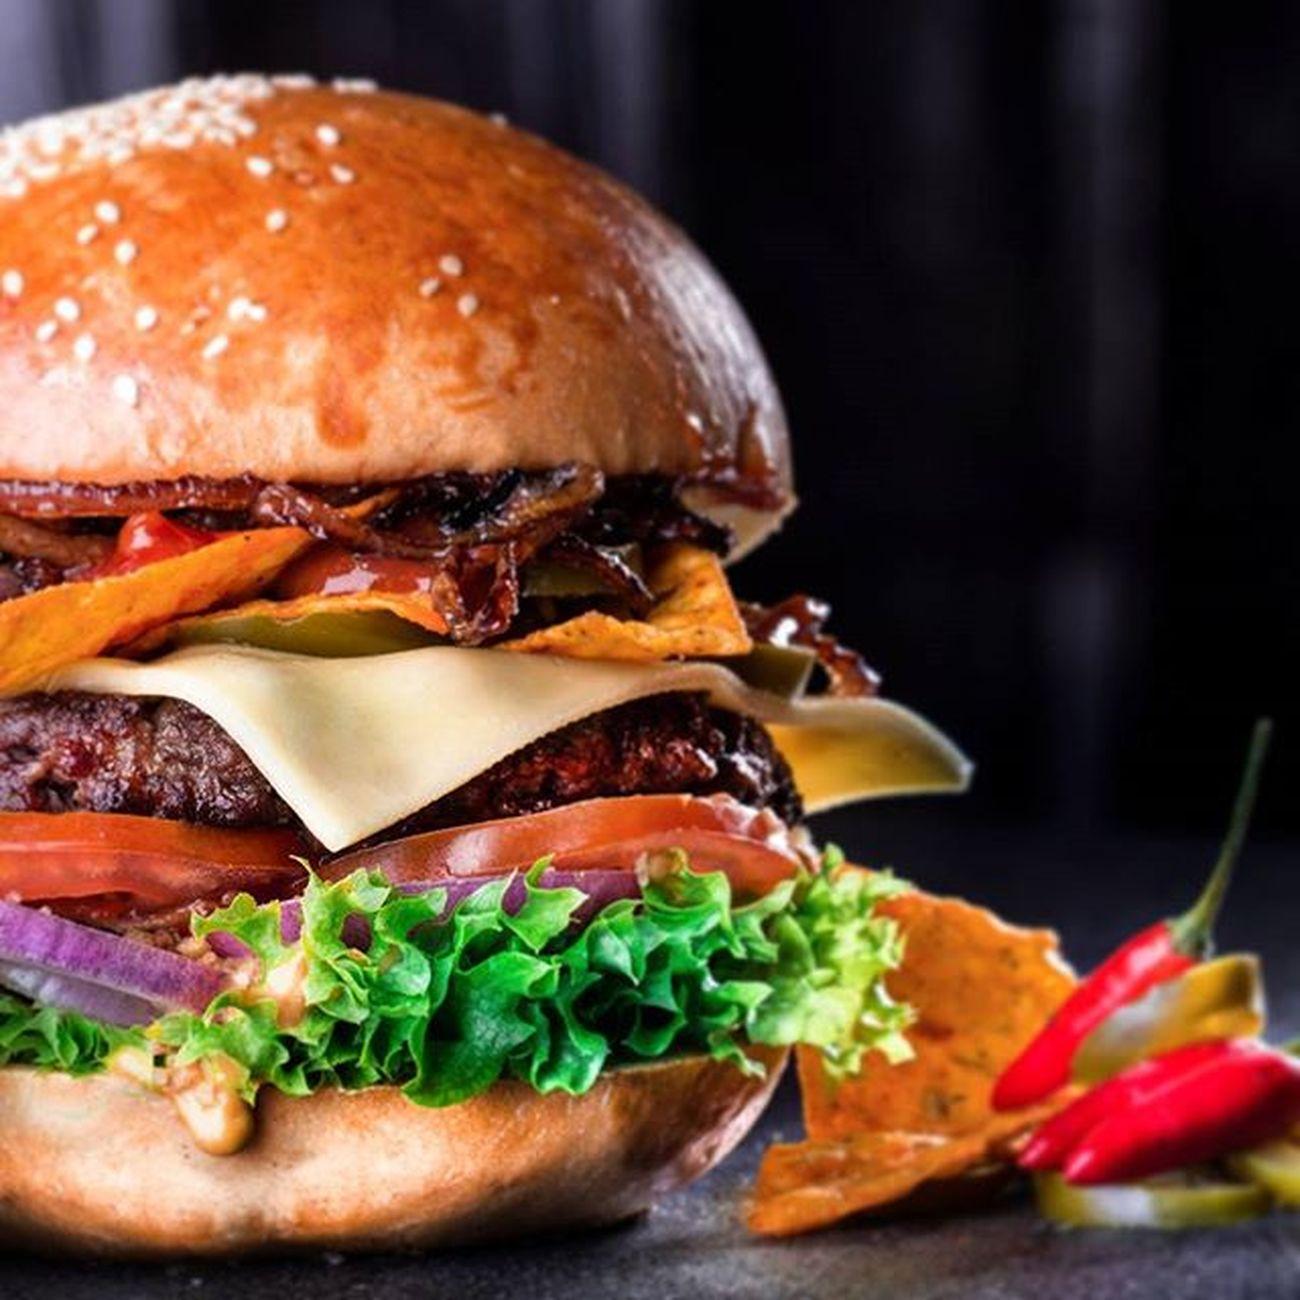 Burgers gratuits chez PNY Burger Pigalle (75) le 11/01/2018 de 19h à minuit